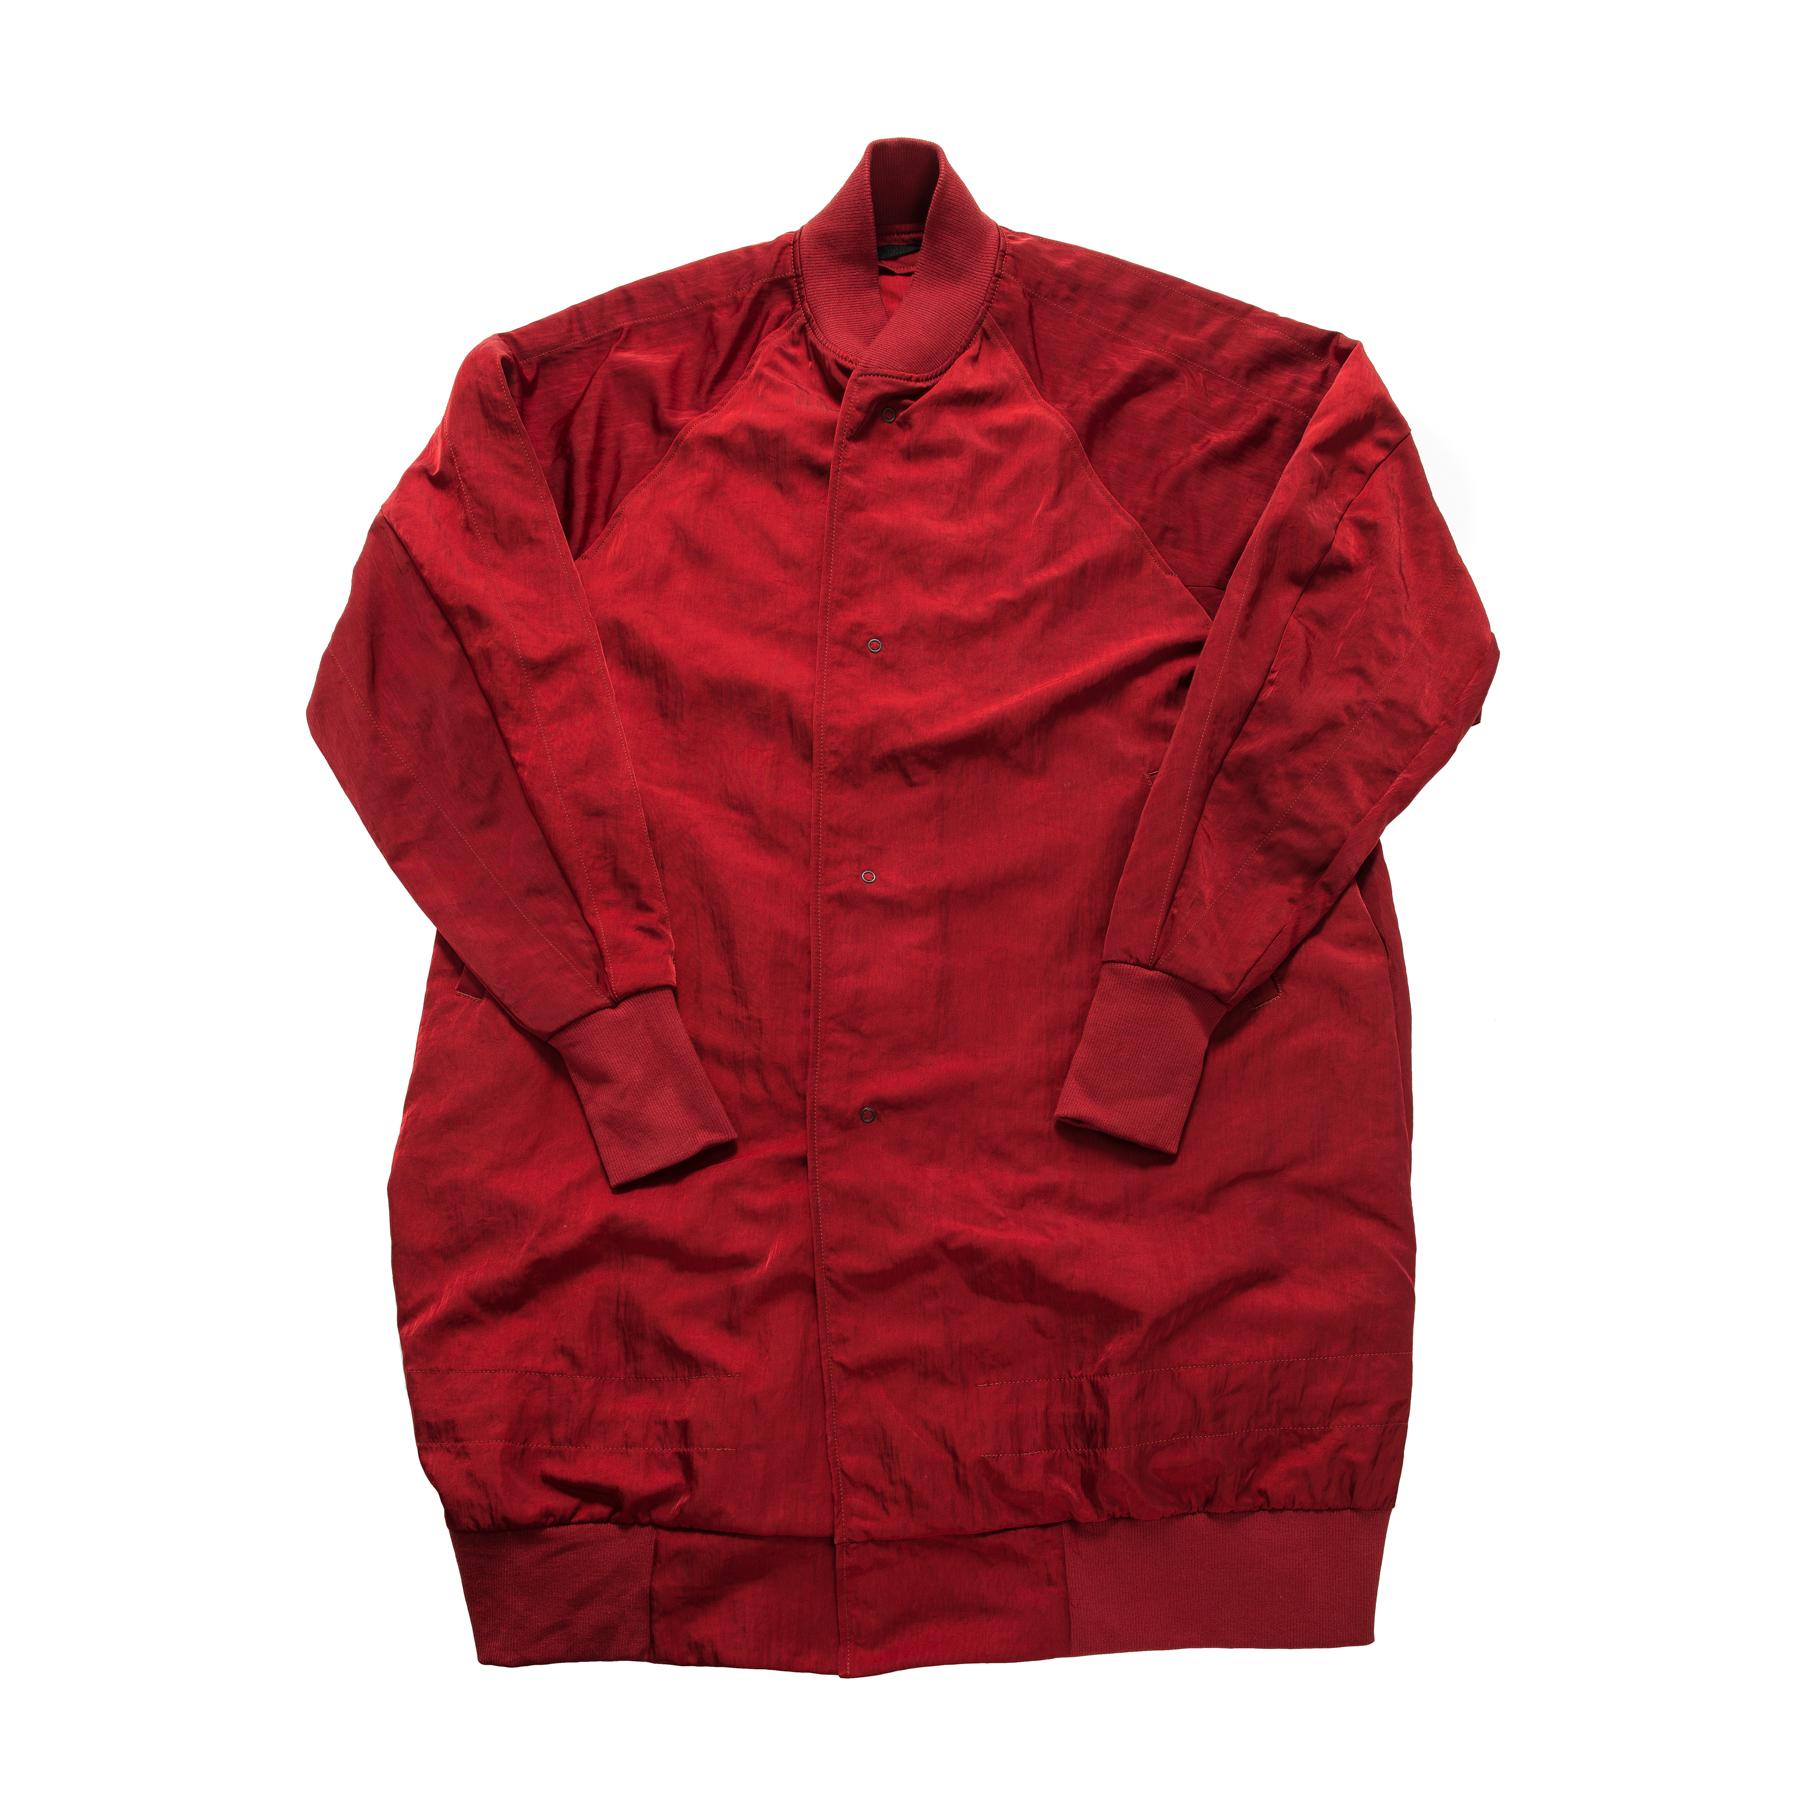 597COM1-RED / ロングスタジアムジャケット